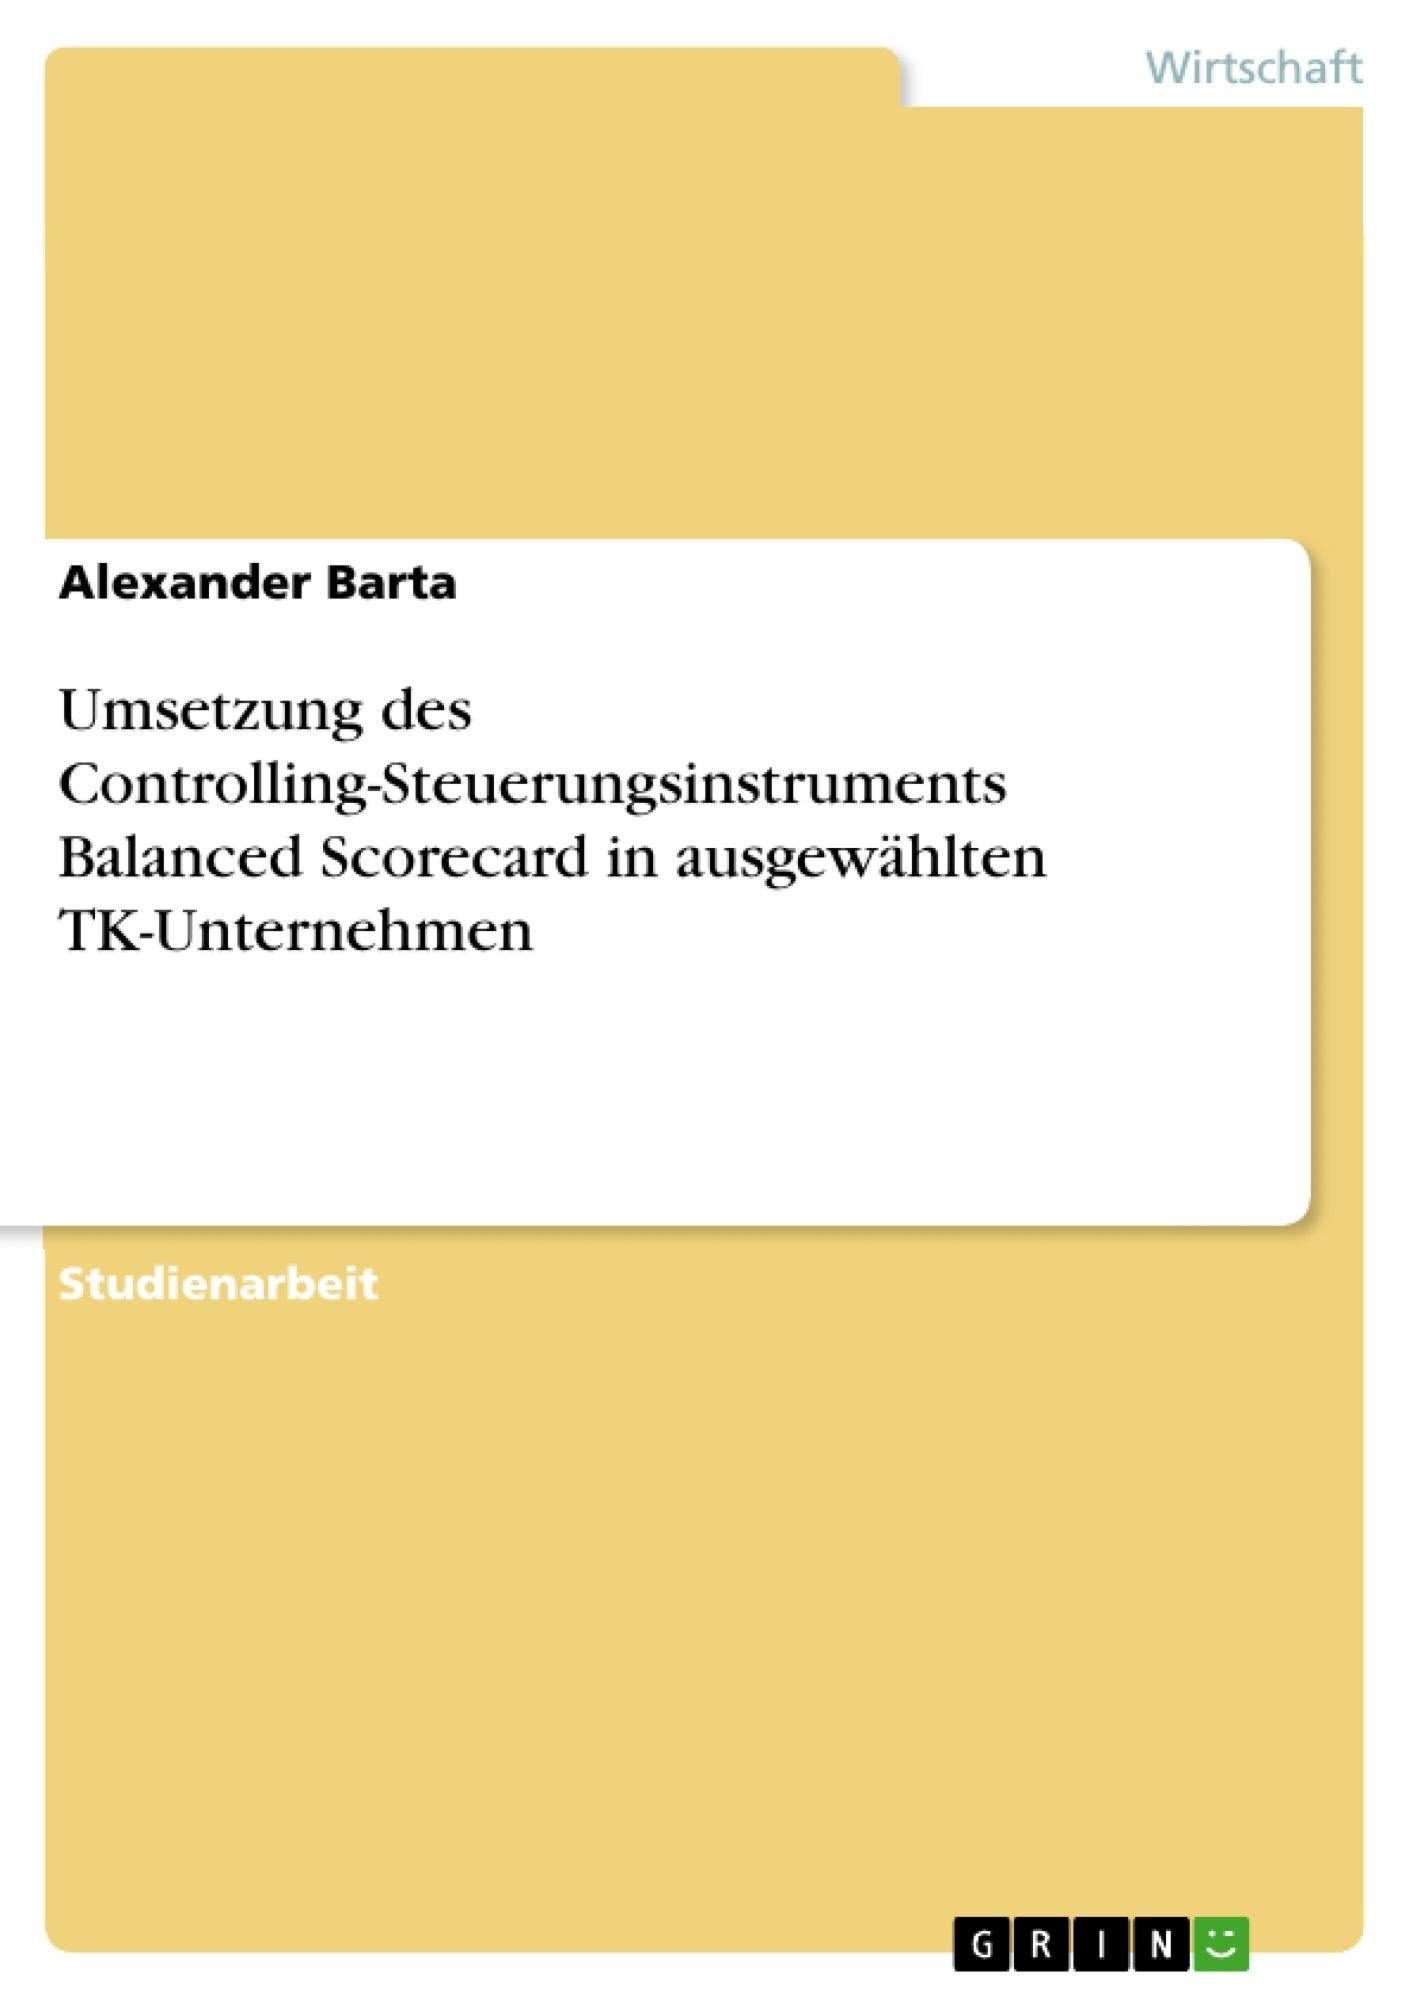 Titel: Umsetzung des Controlling-Steuerungsinstruments Balanced Scorecard in ausgewählten TK-Unternehmen